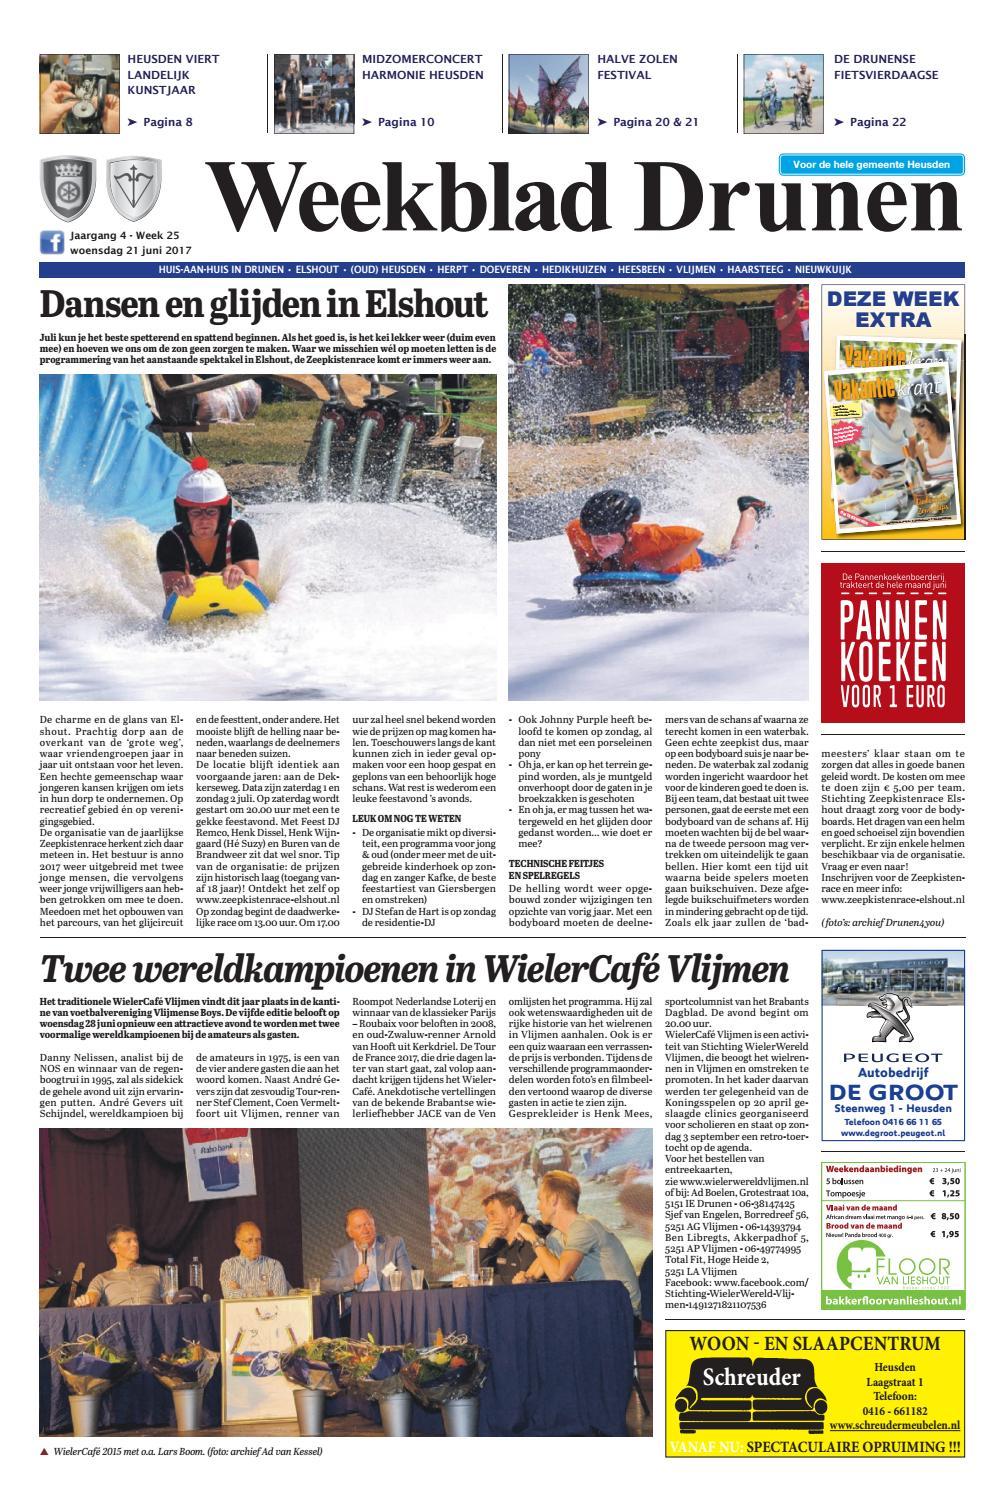 6239a8cb0d1 Weekblad Drunen 21-06-2017 by Uitgeverij Em de Jong - issuu